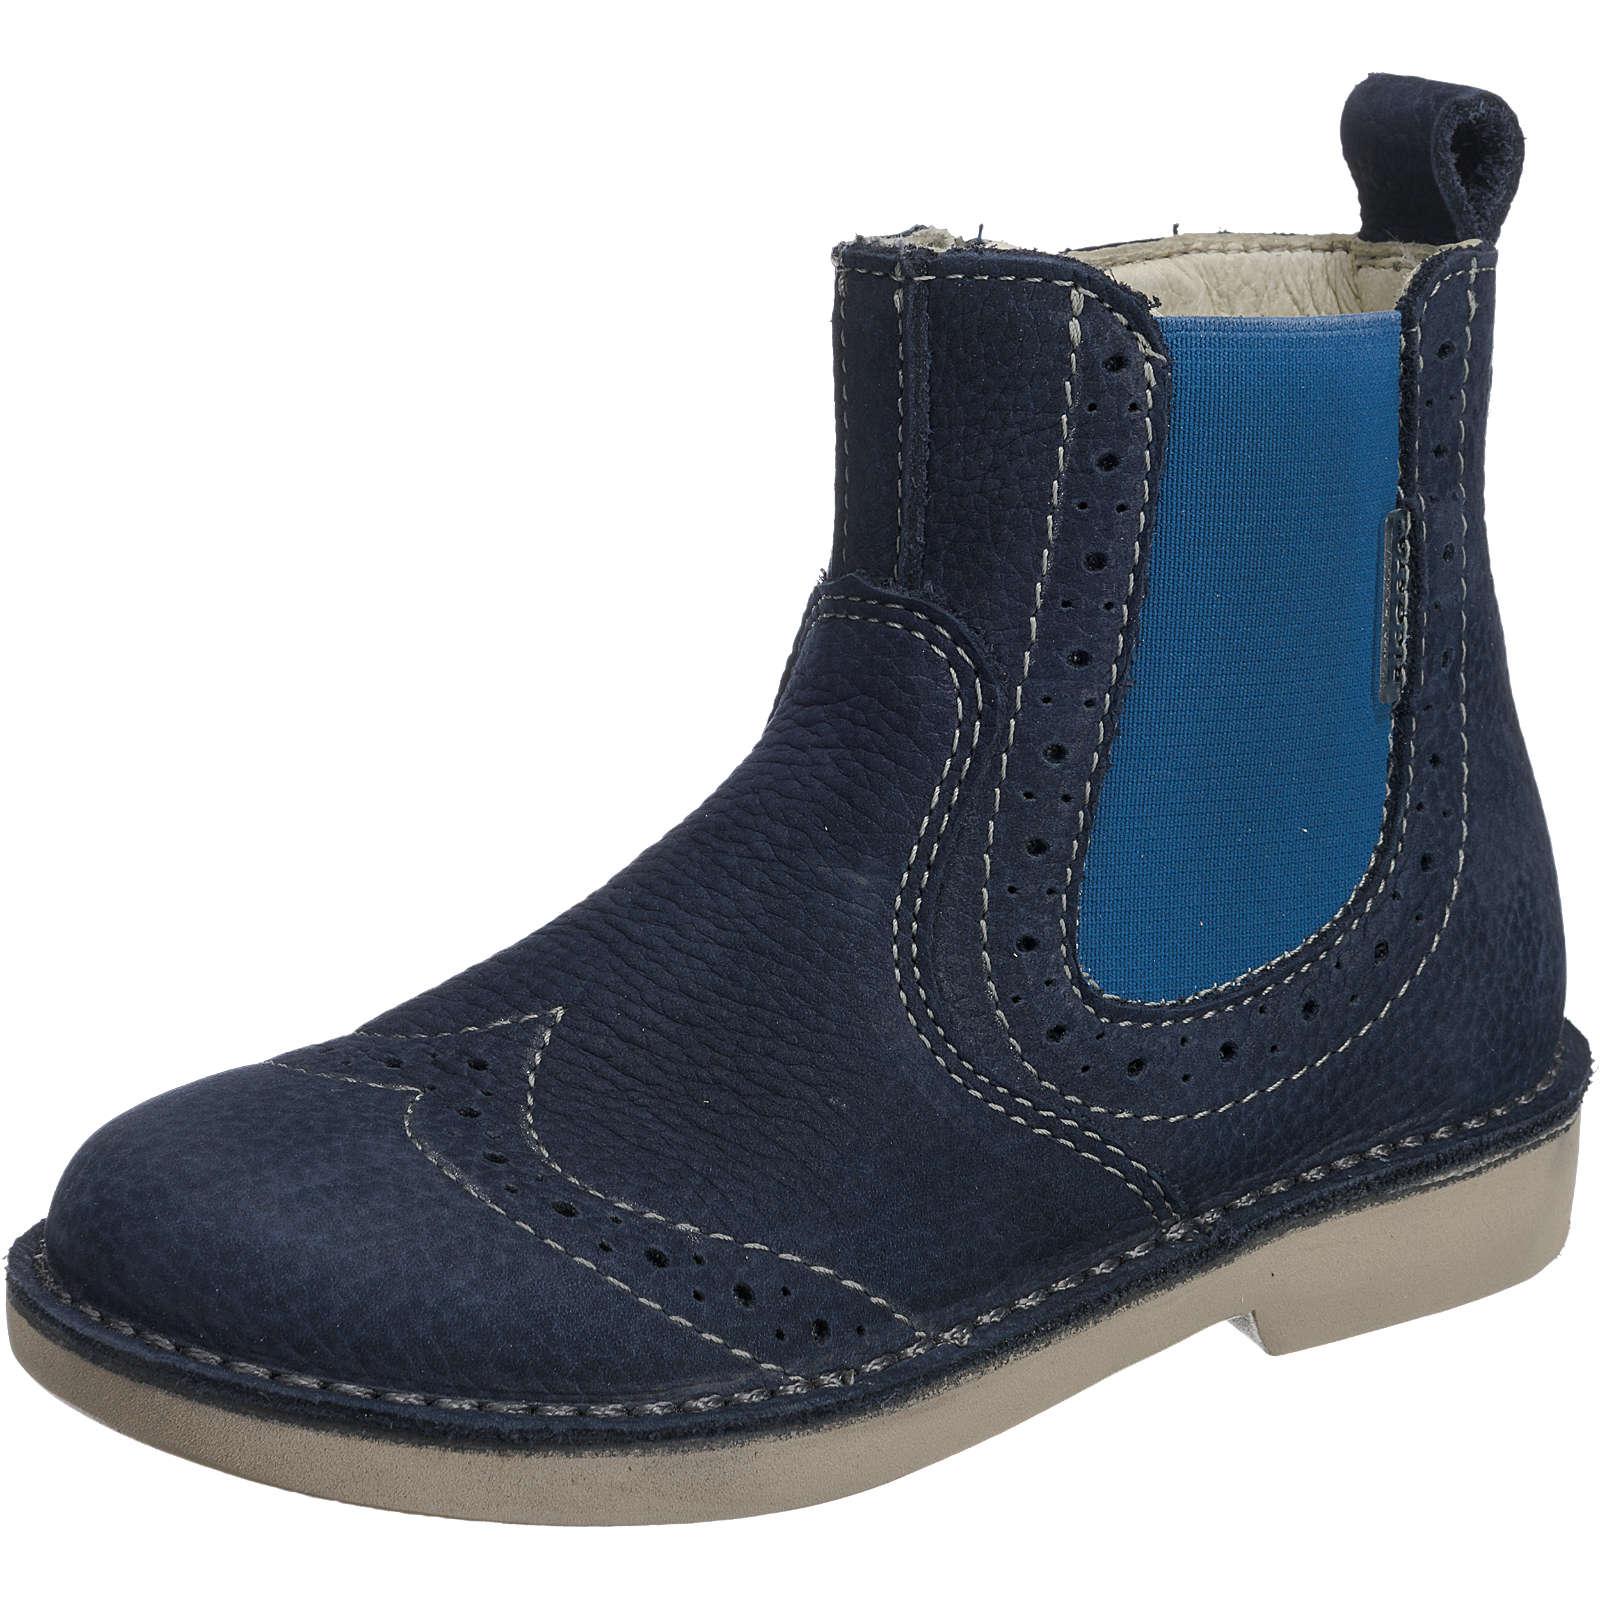 RICOSTA Chelsea Boots DENISA, Weite M, für Mädchen blau Mädchen Gr. 27